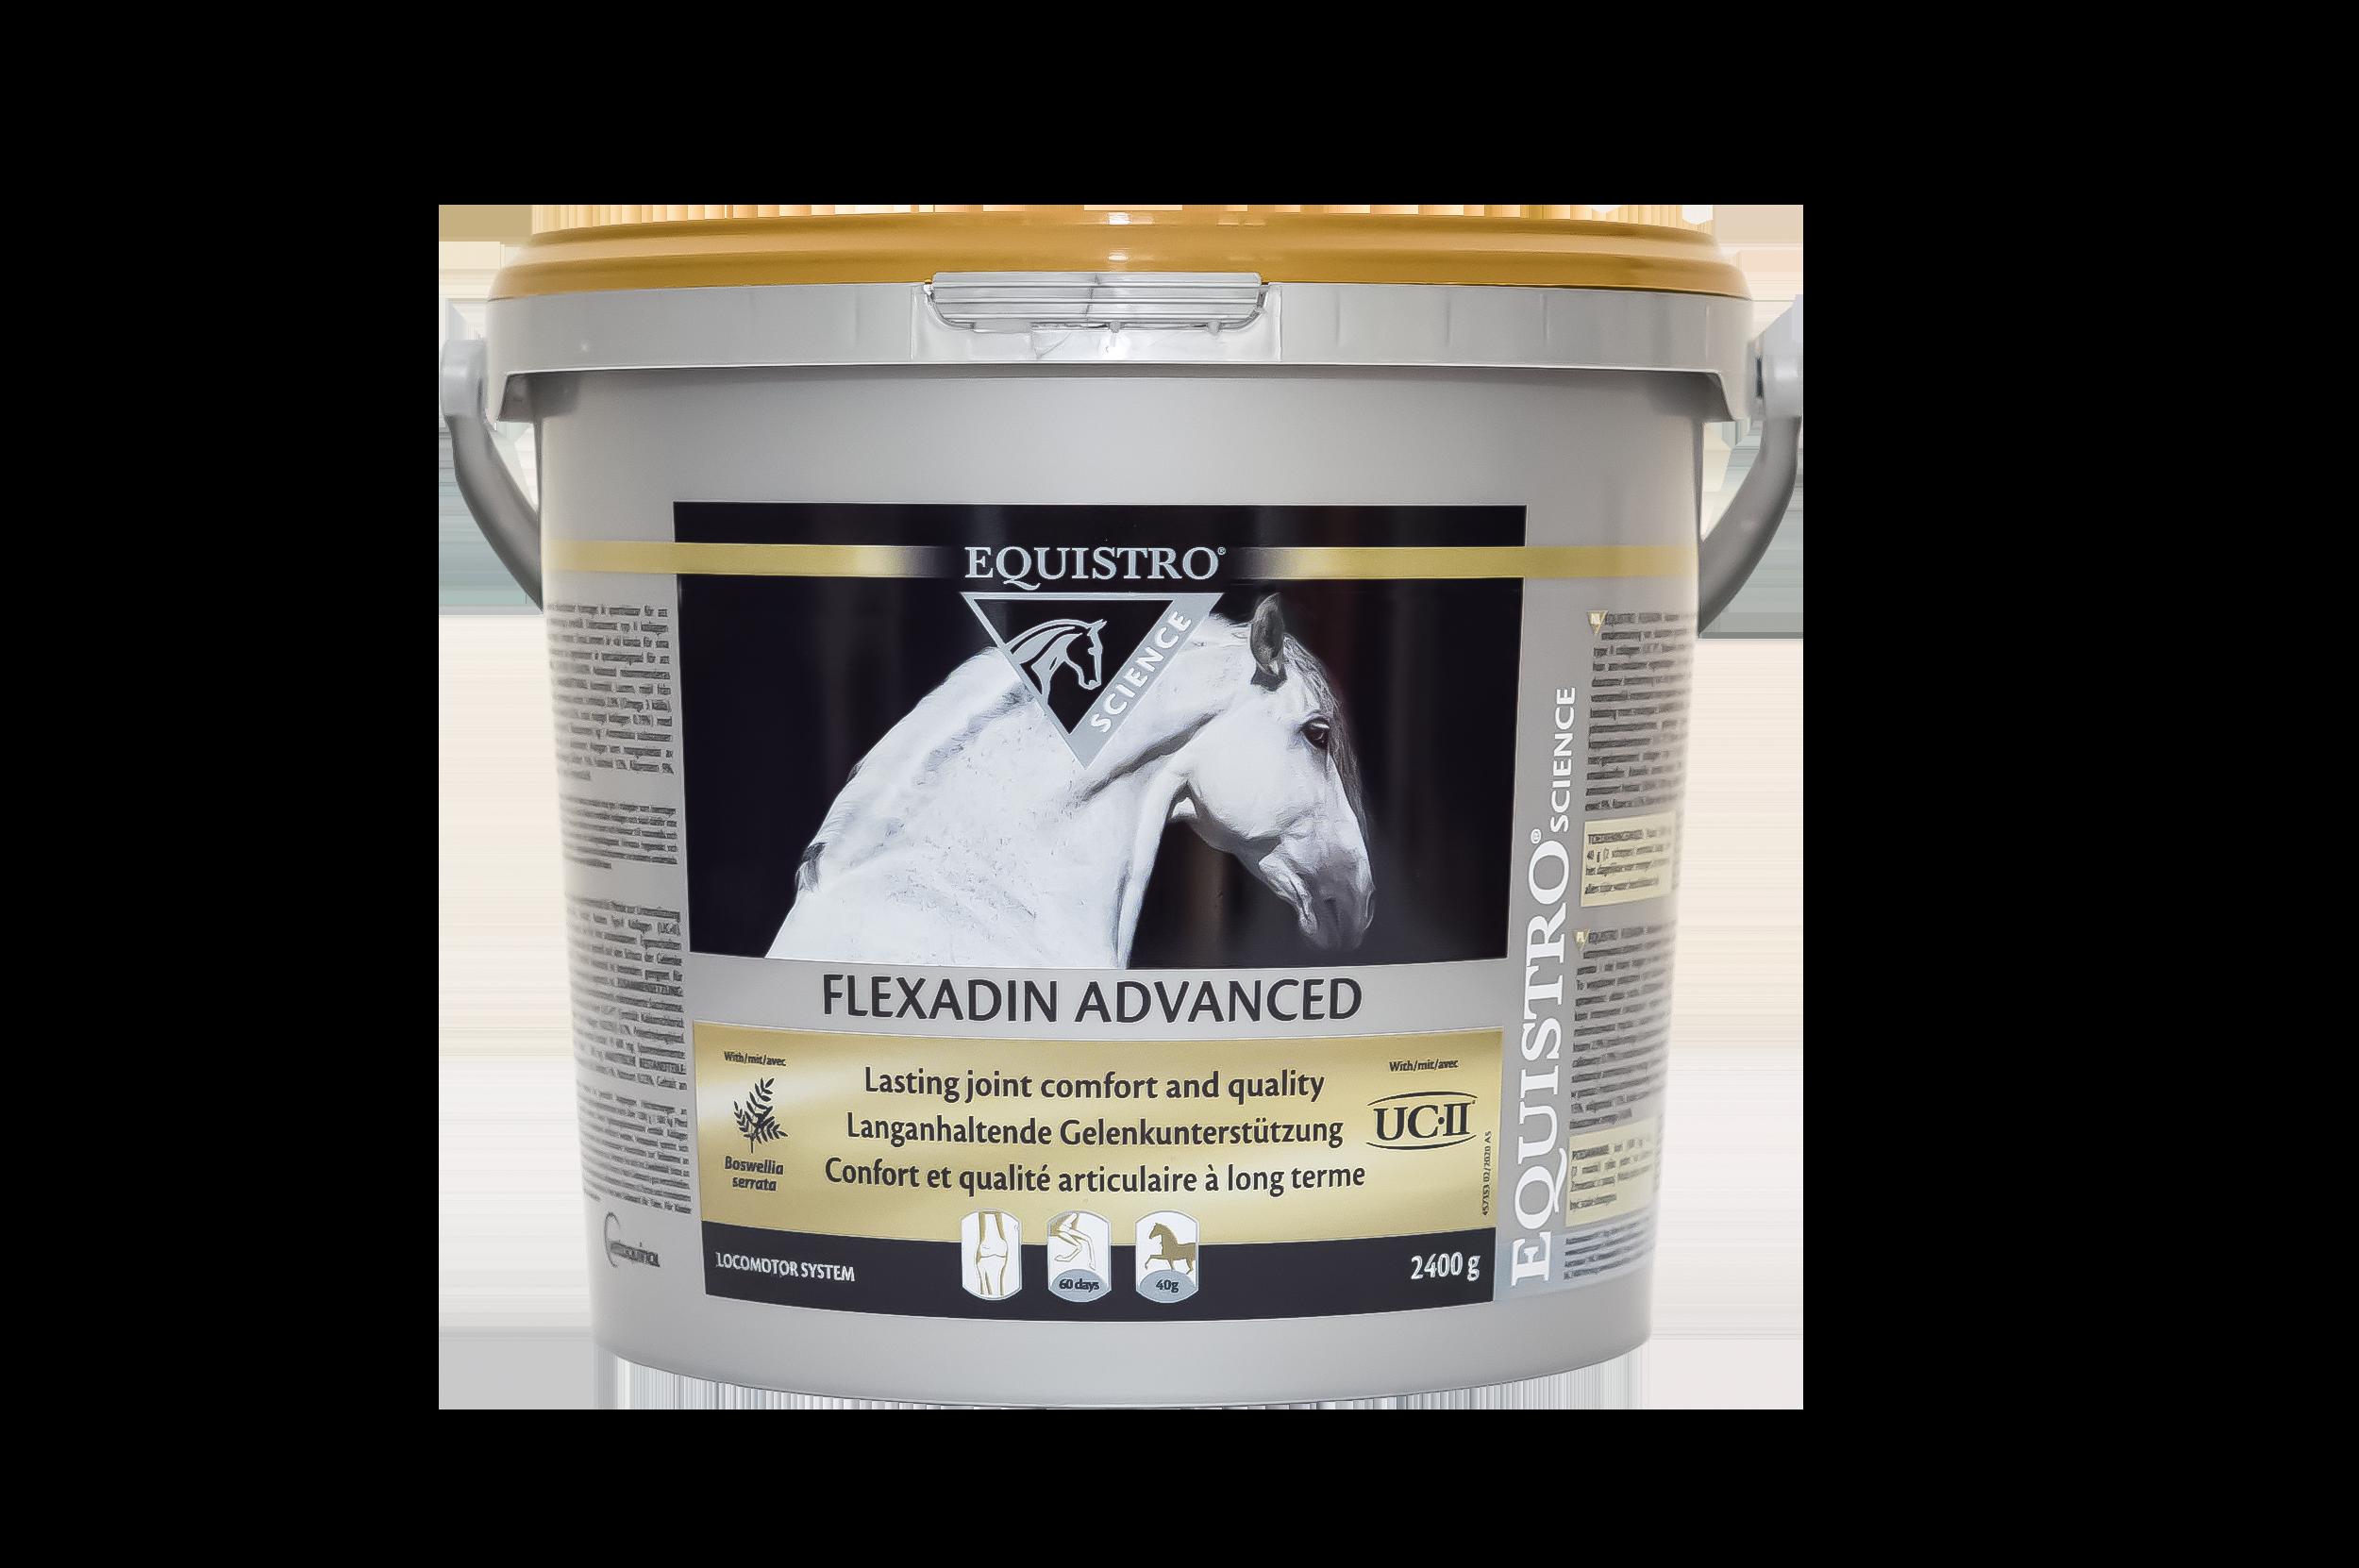 Equistro Flexadin Advanced